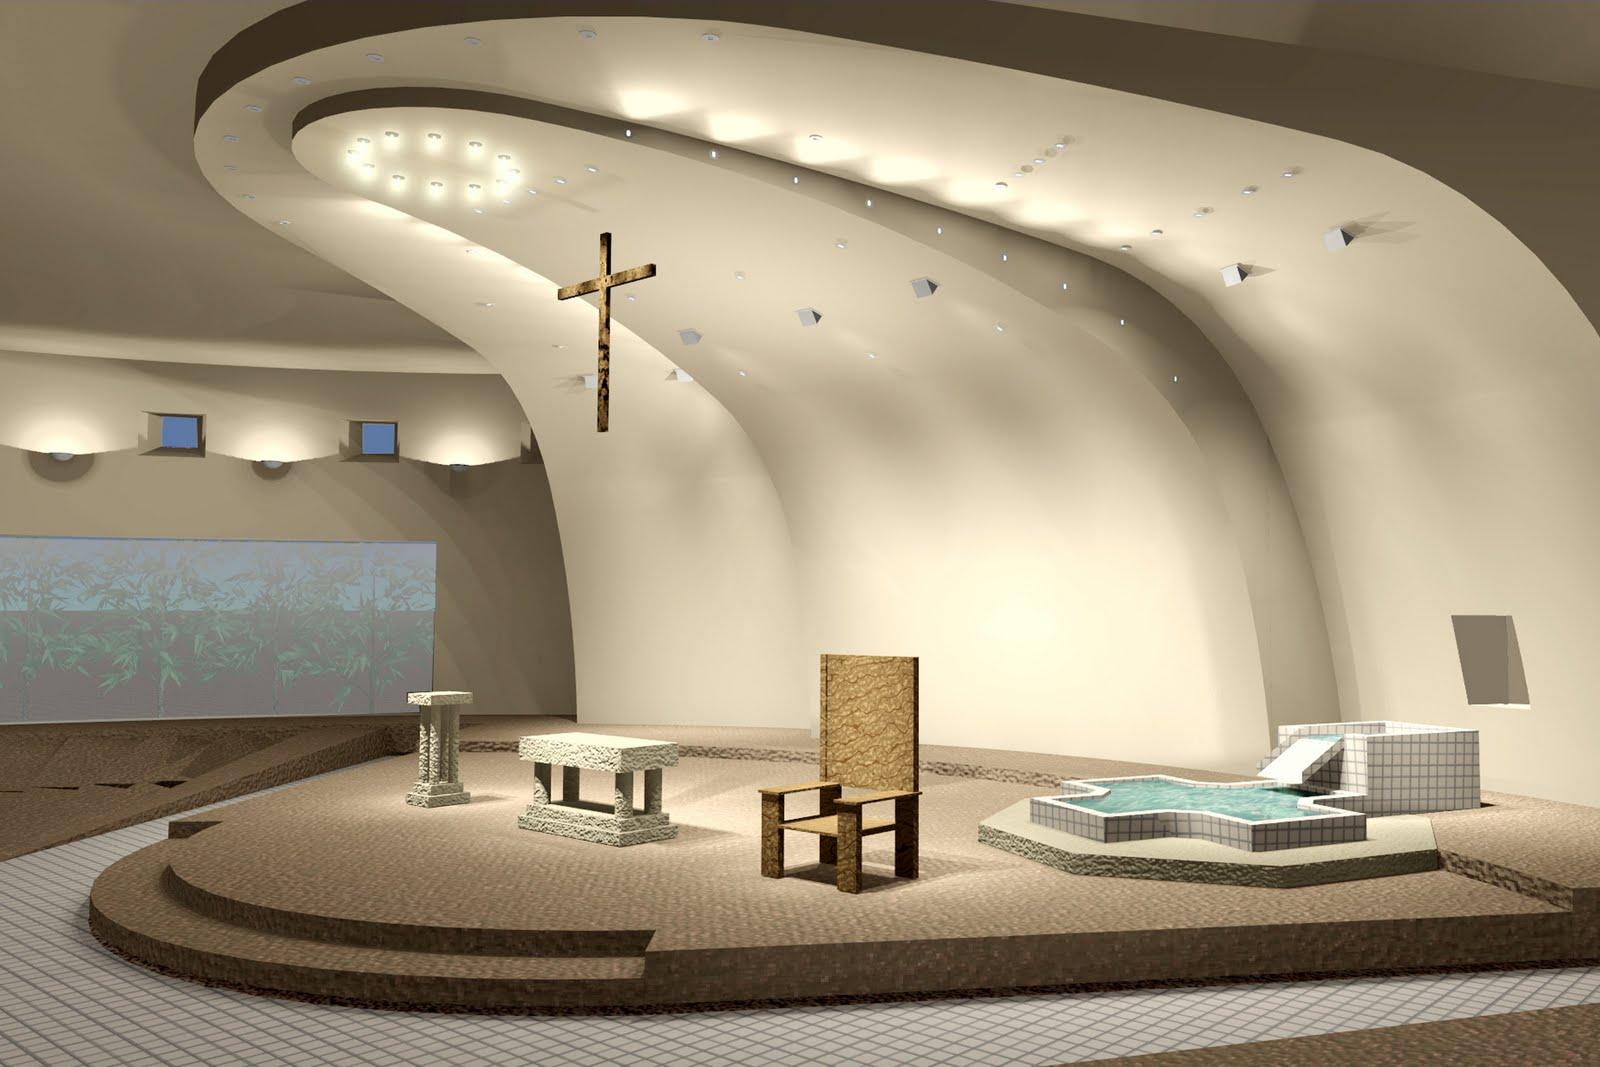 Small Church Interior Design Ideas